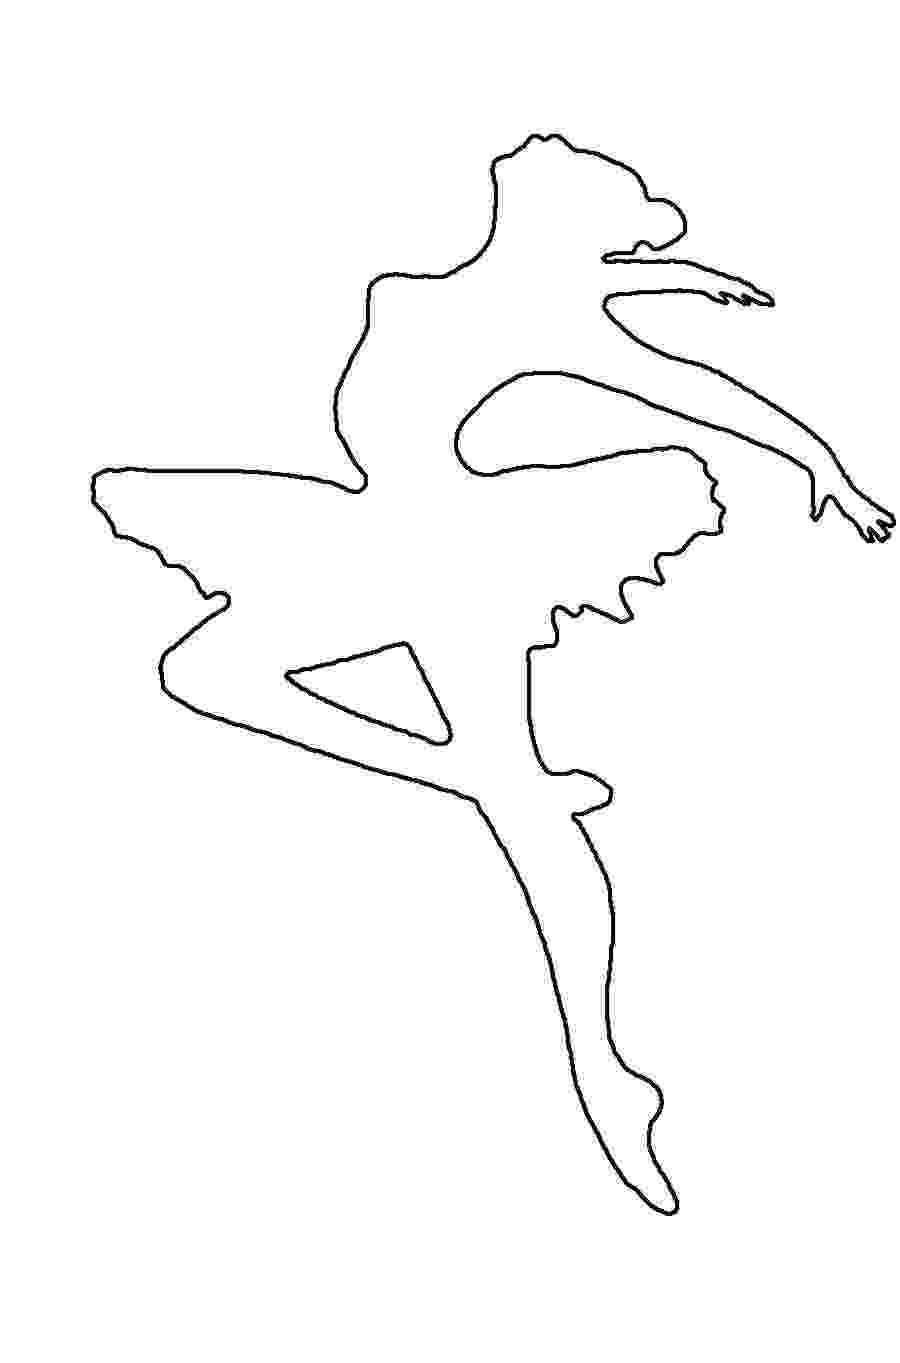 printable coloring pages ballerina ausmalbilder für kinder malvorlagen und malbuch ballet coloring ballerina printable pages